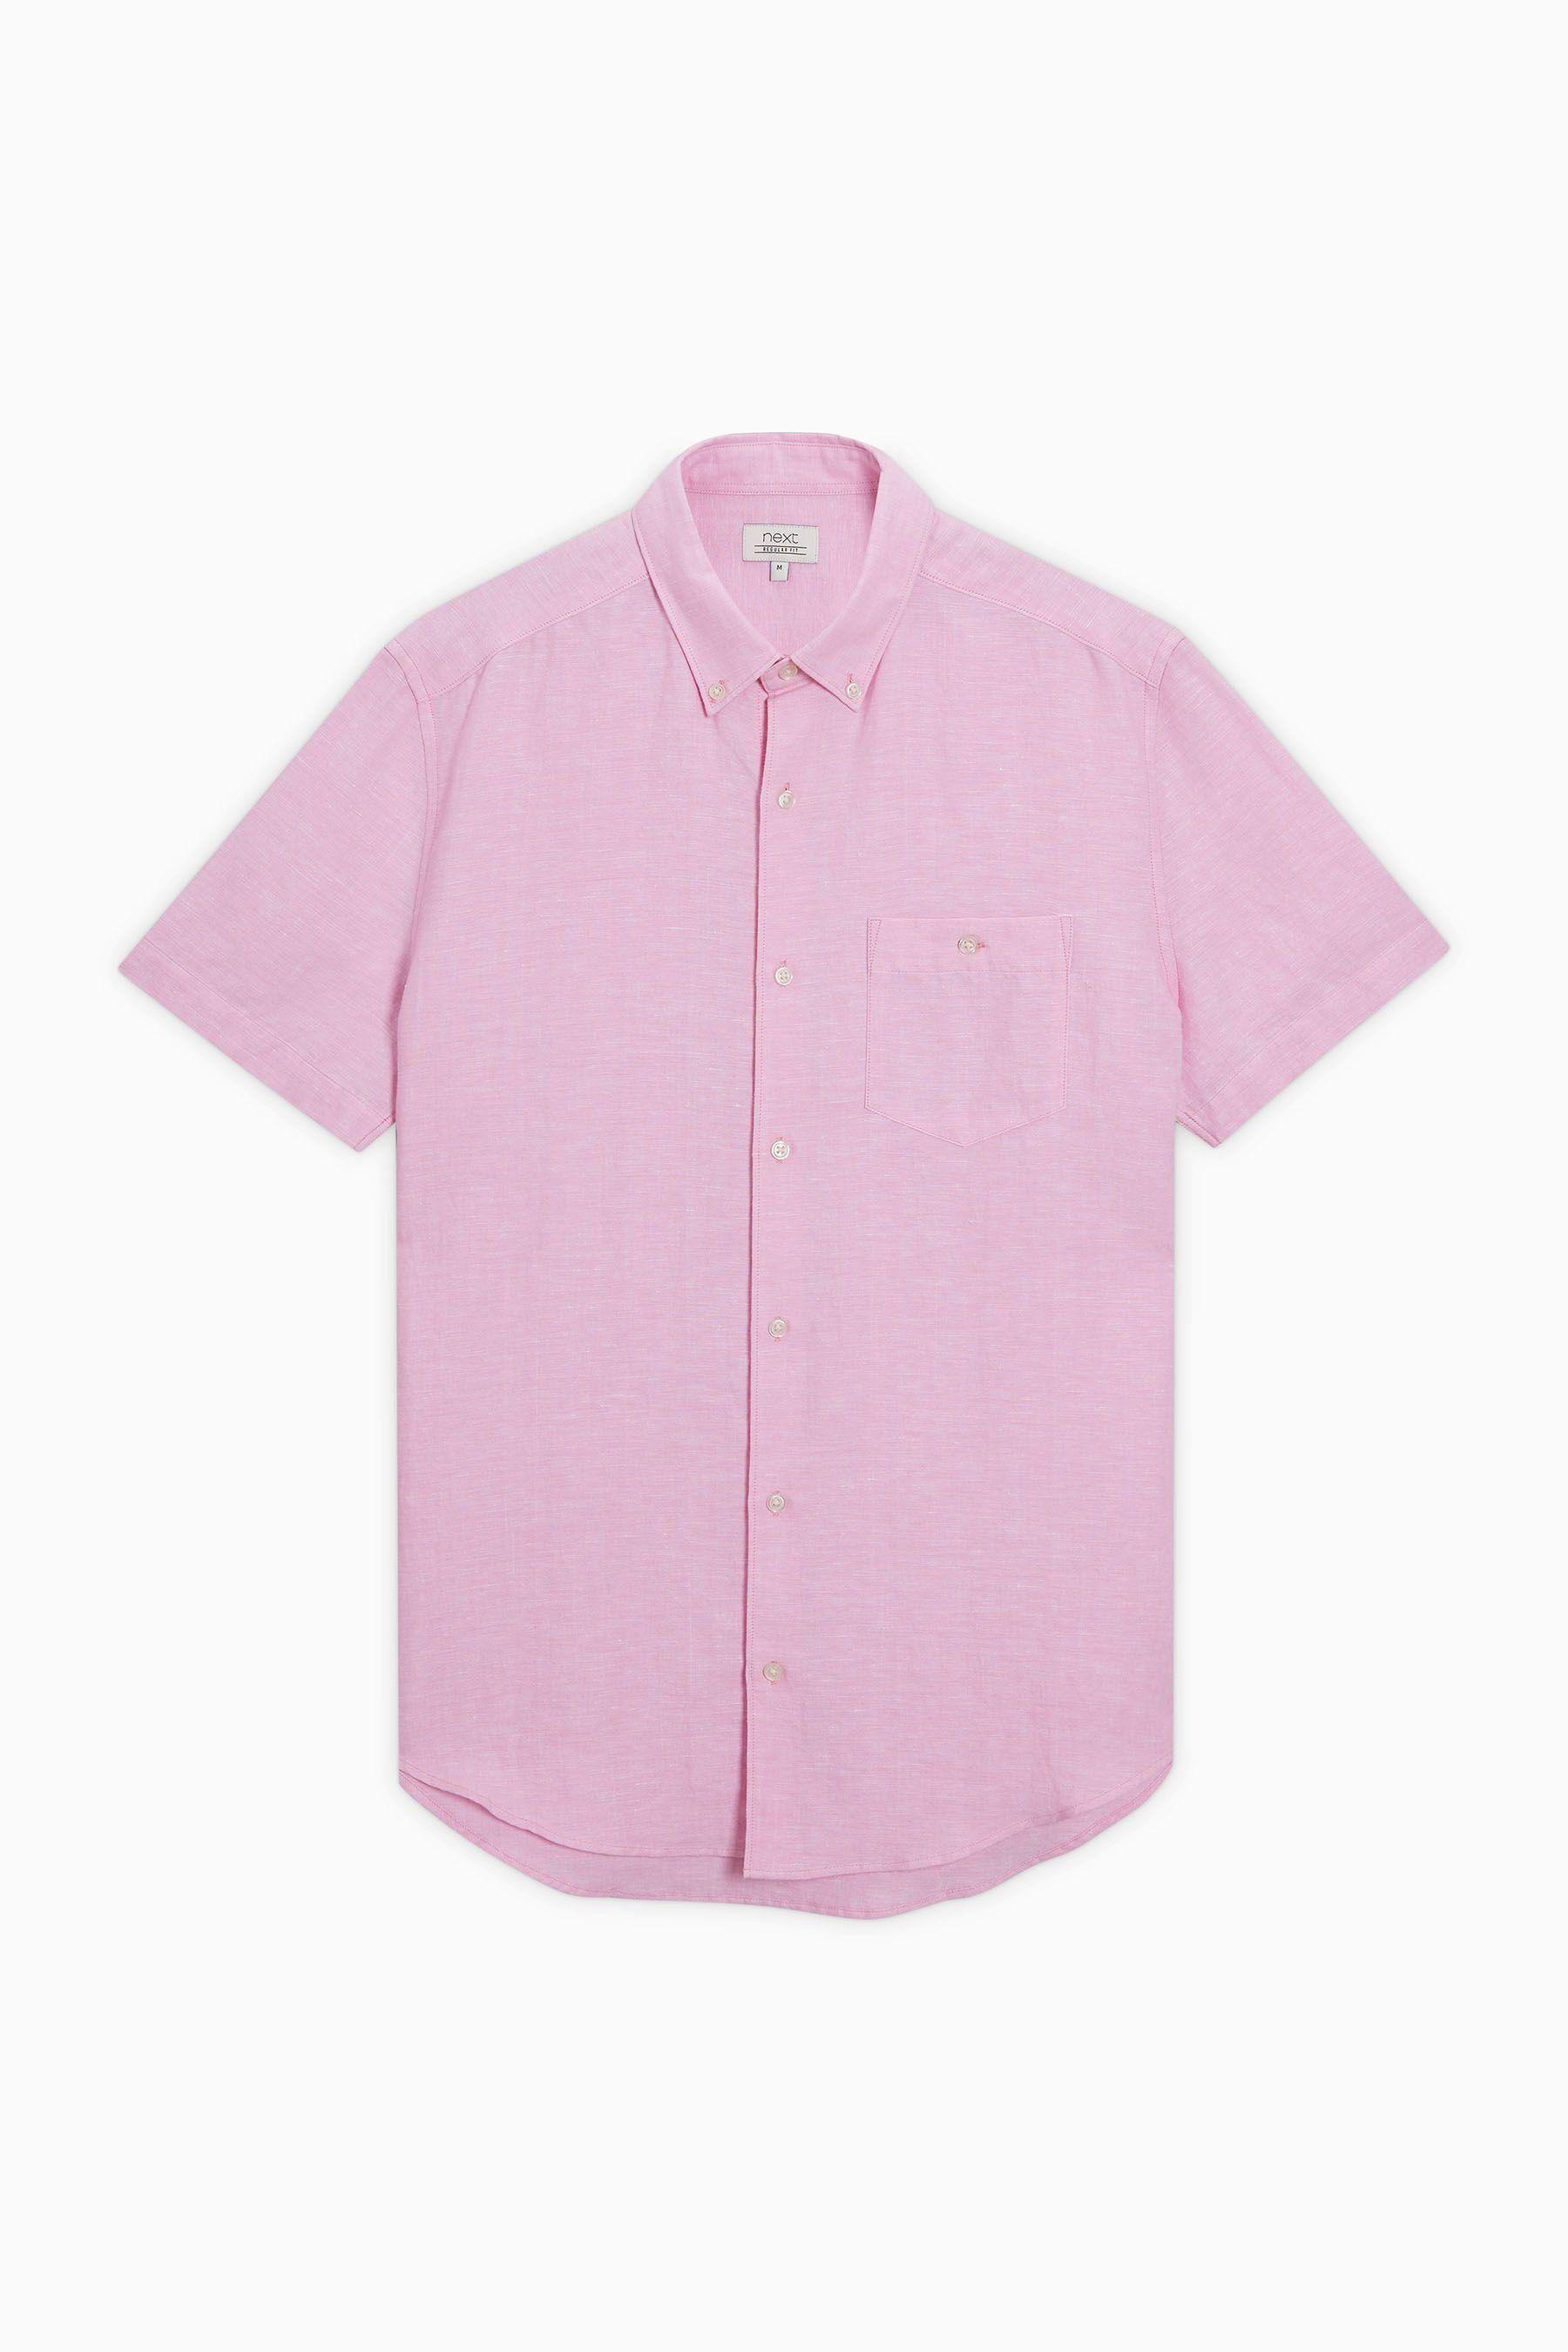 8532a607e942 Pin von Herrenmode Ladendirekt auf Hemden   Pinterest   Kurzärmliges hemd,  Bekleidung und Mode